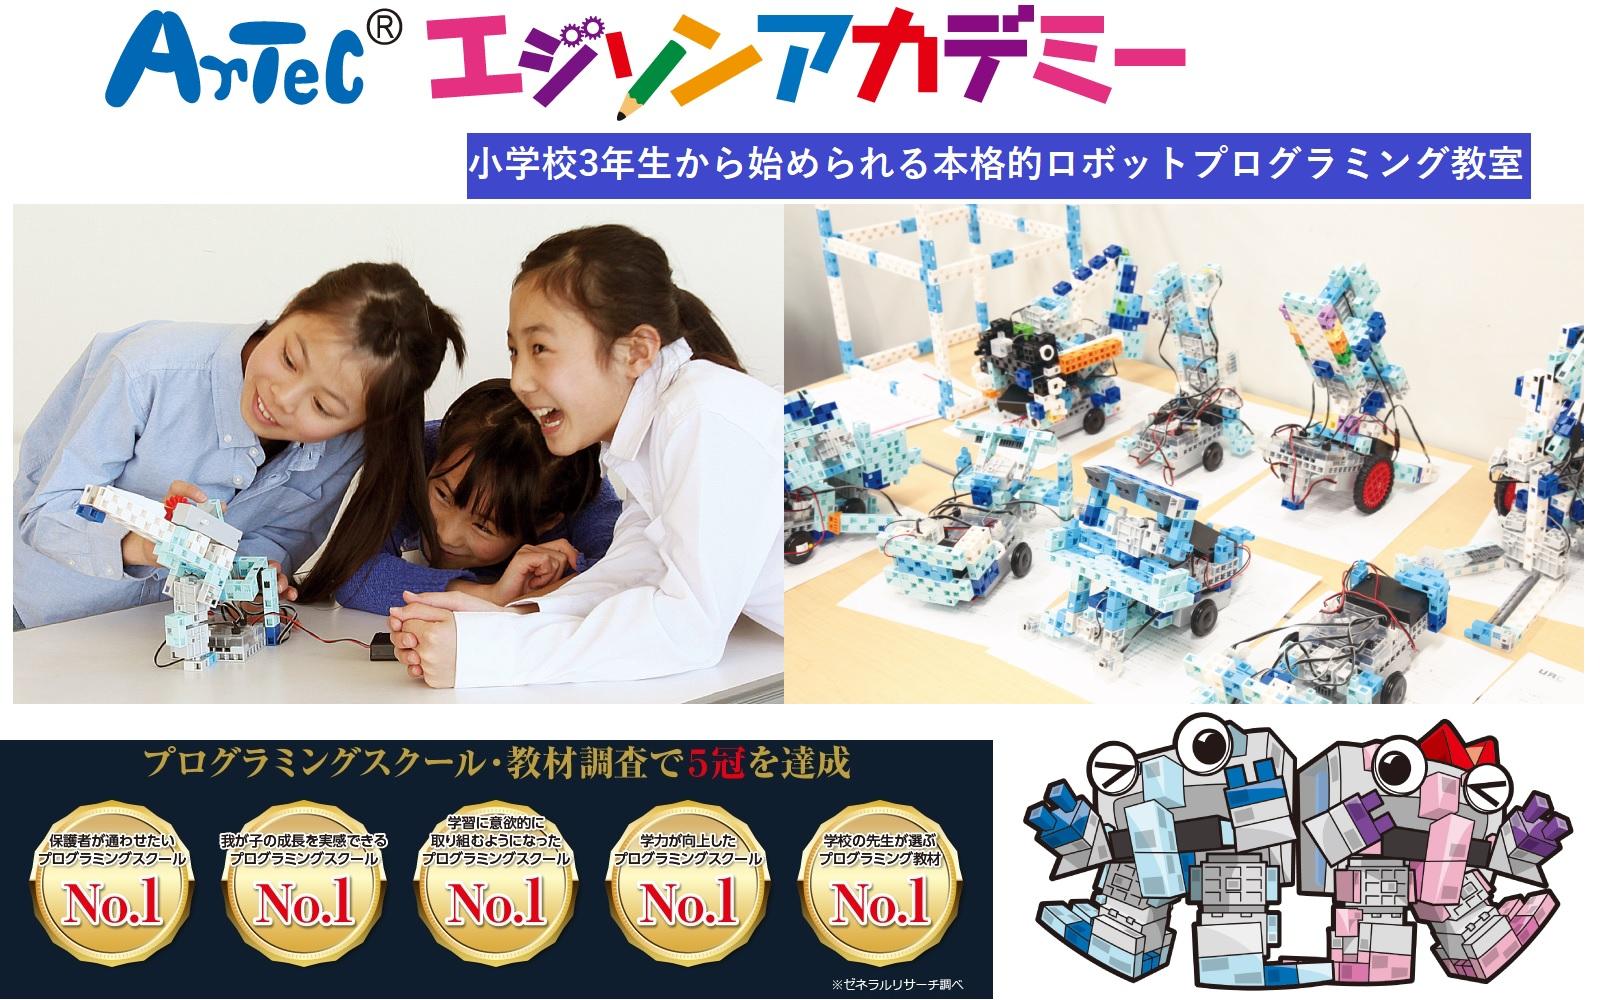 八尾市光町にあるロボットプログラミング教室